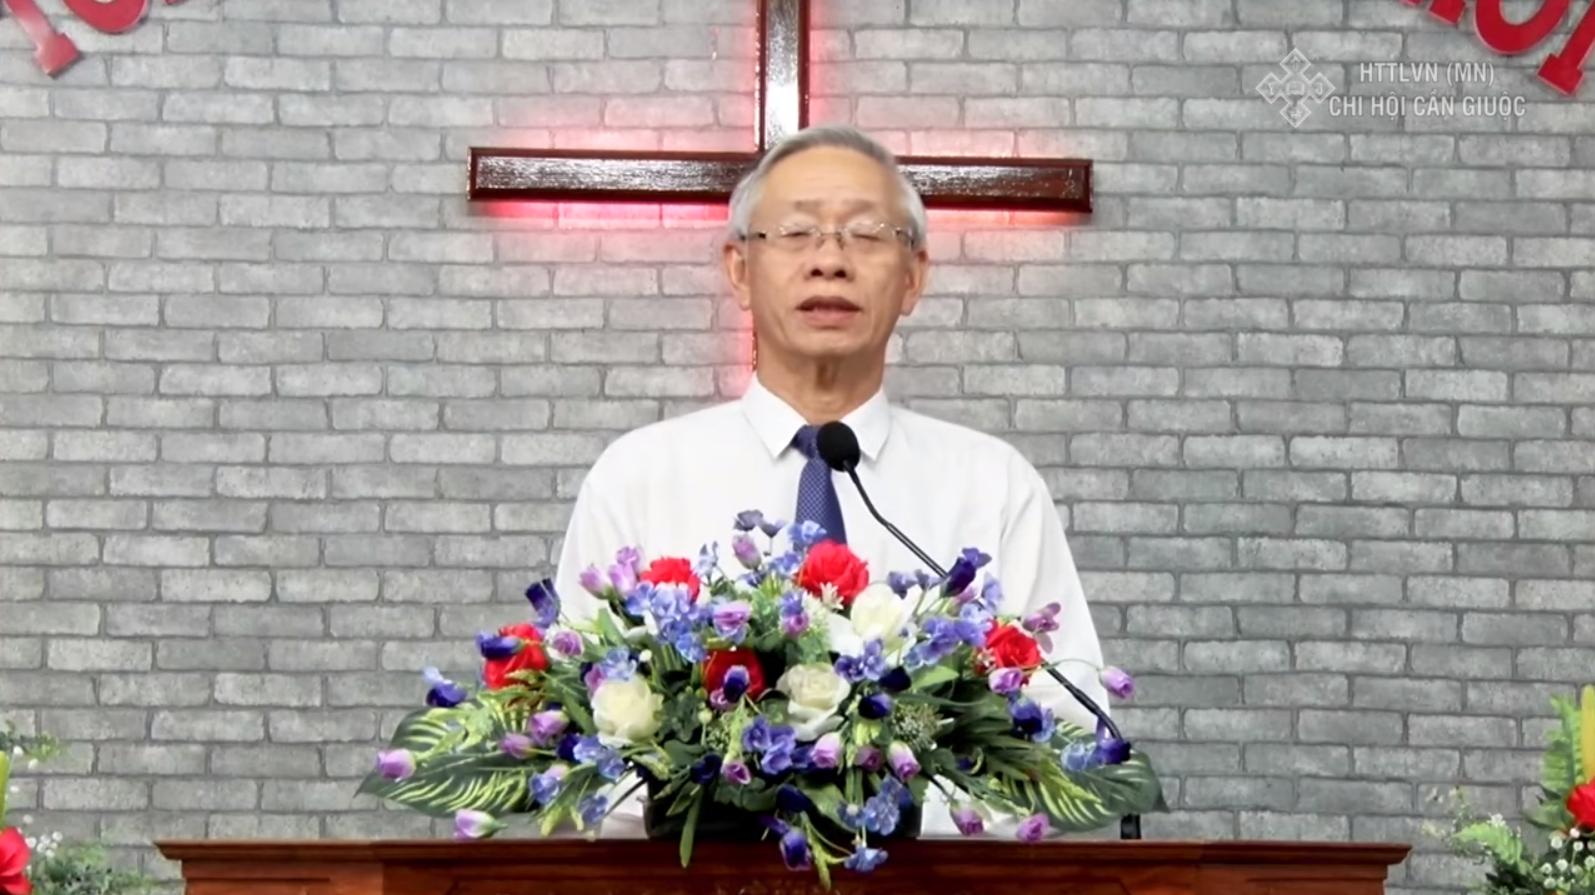 Mục sư Trần Thanh Dũng